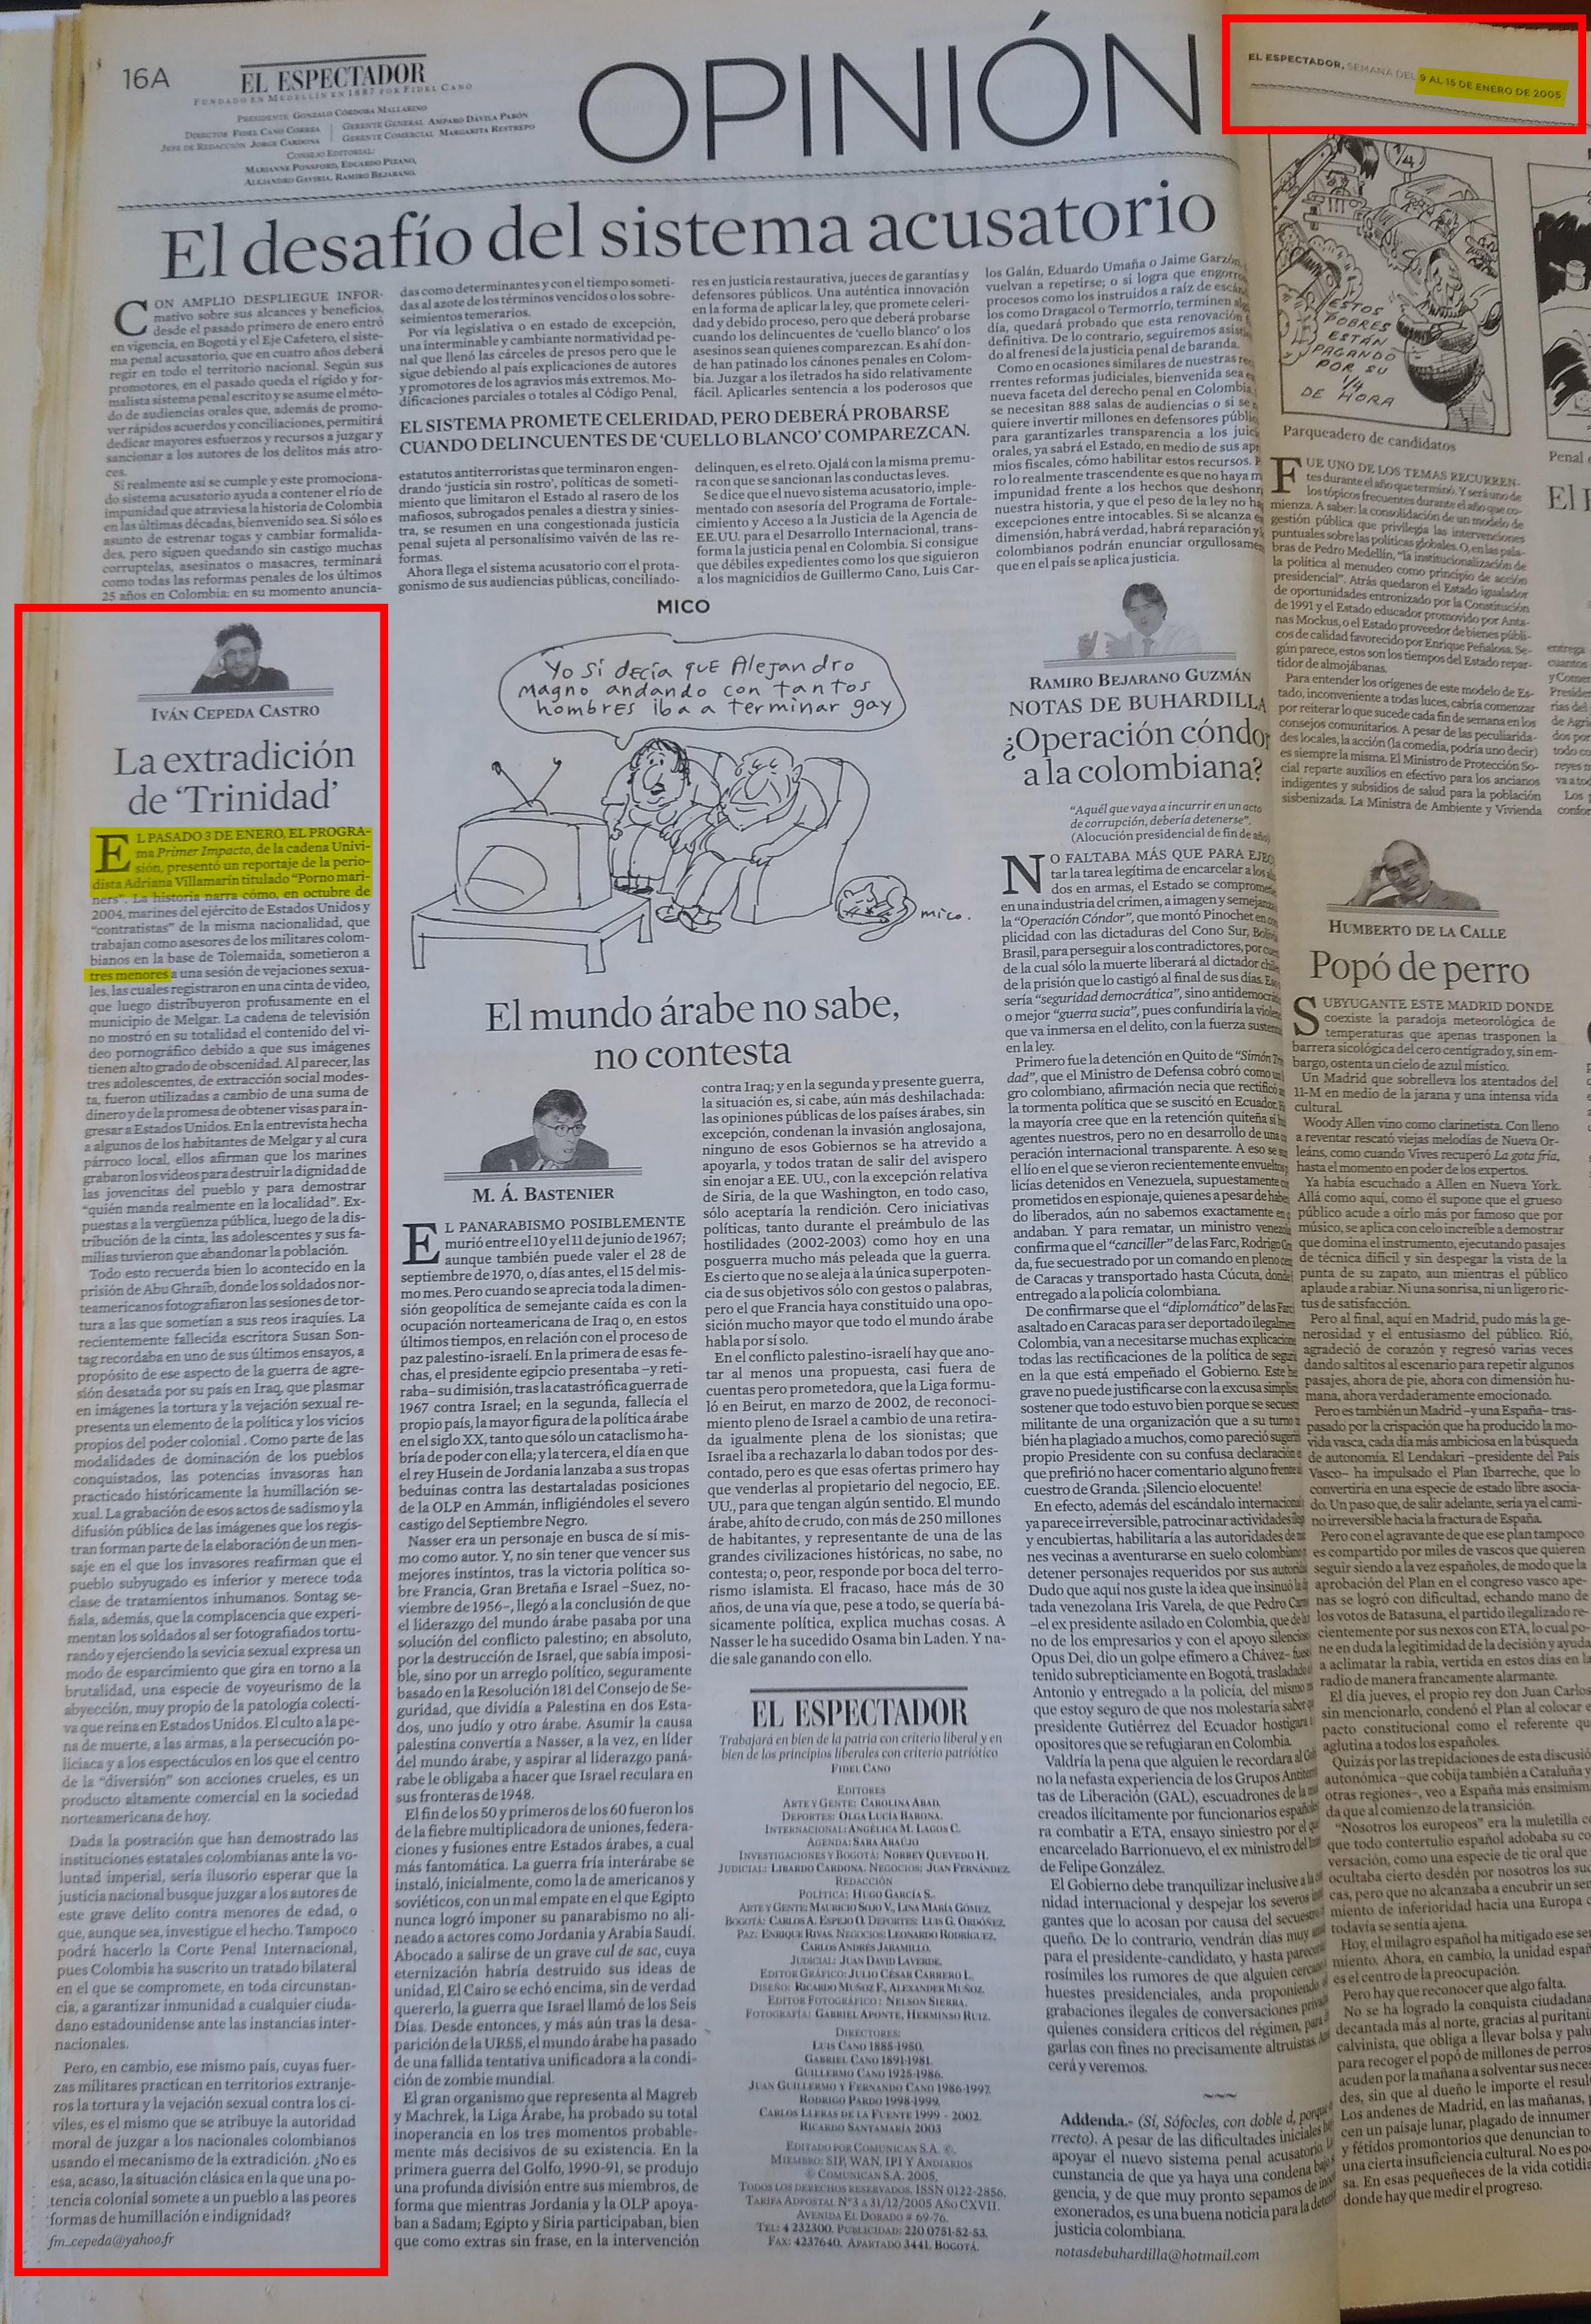 Columna de Iván Cepeda en El Espectador del 9 de enero de 2005